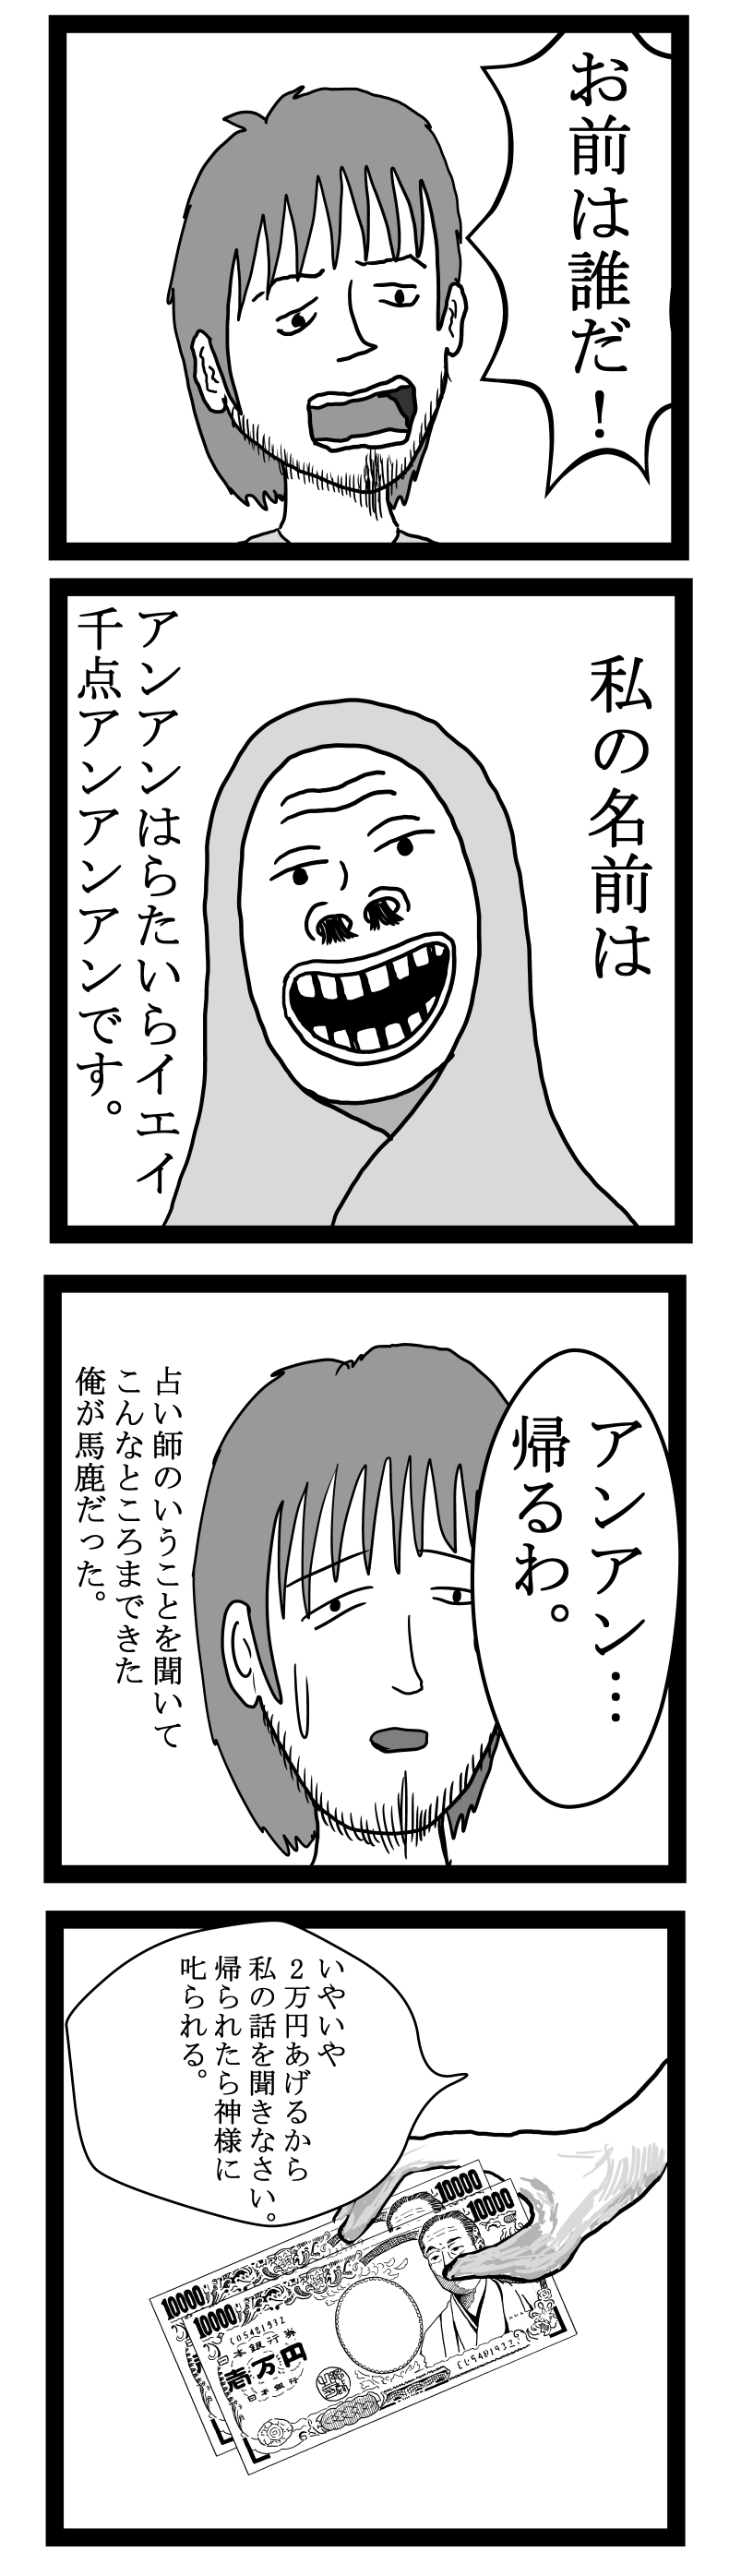 WEBパチスロ漫画 2ページ